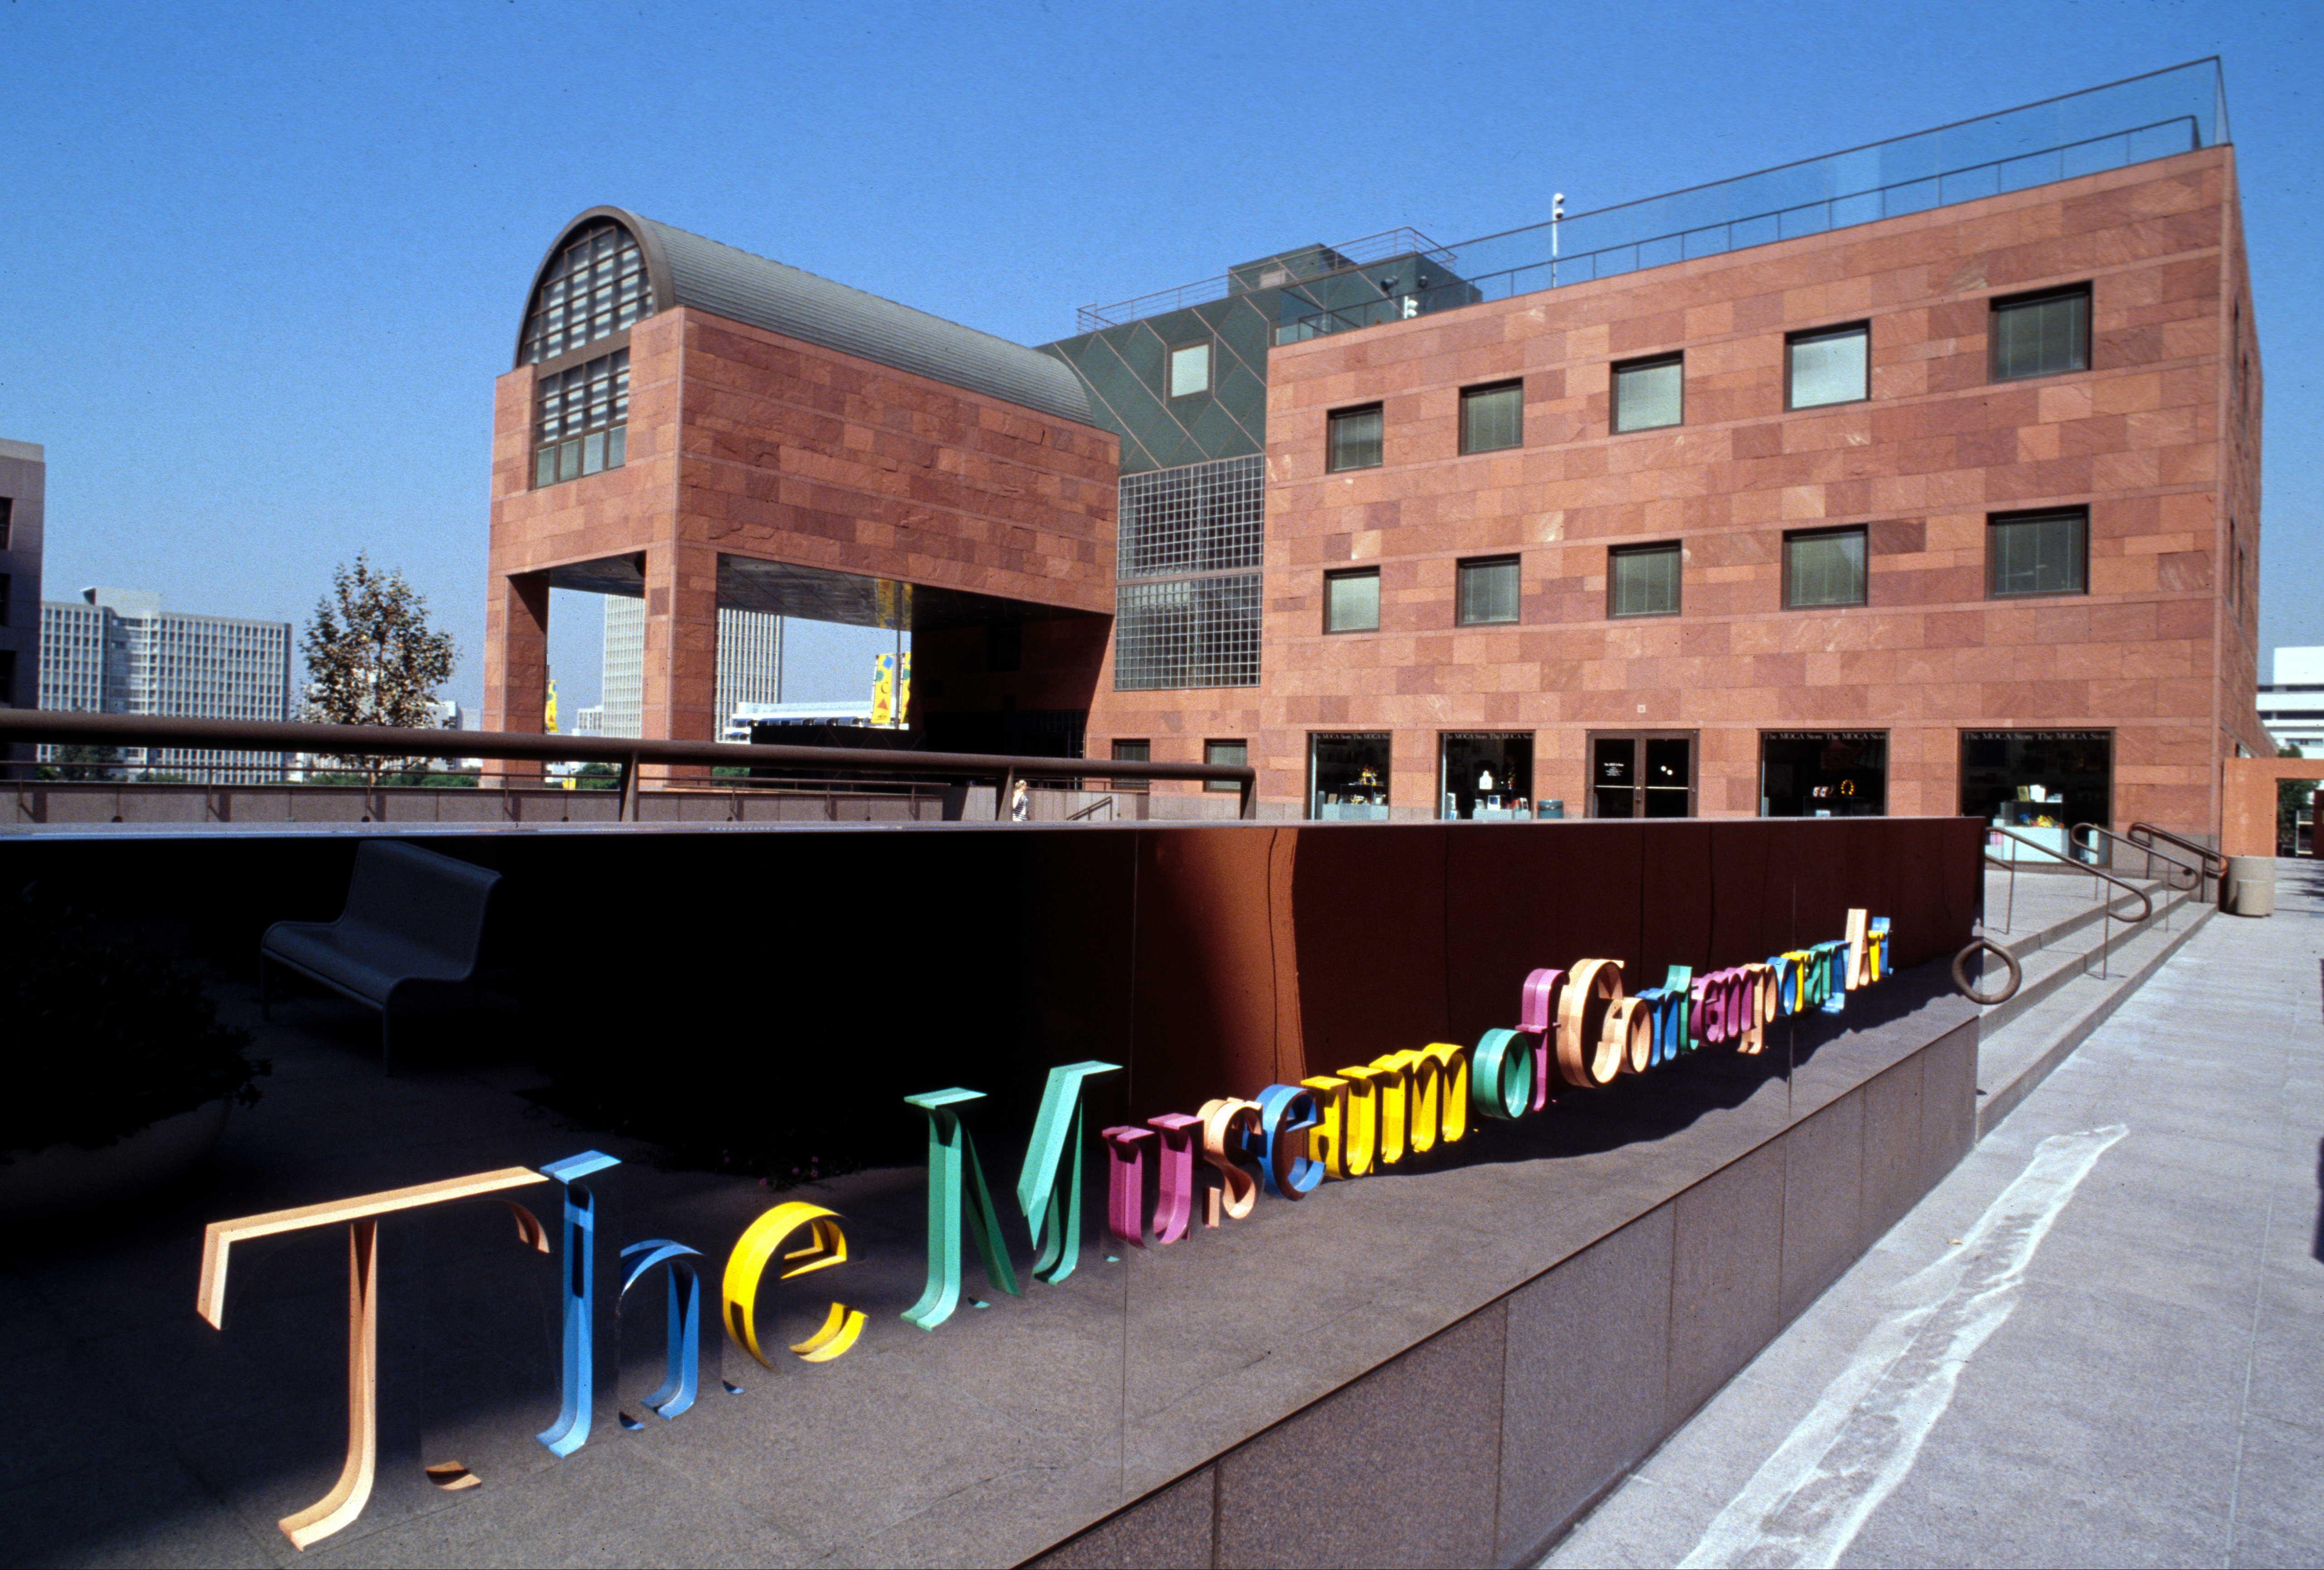 2013-07-15-MuseumofContemporaryArt.jpg